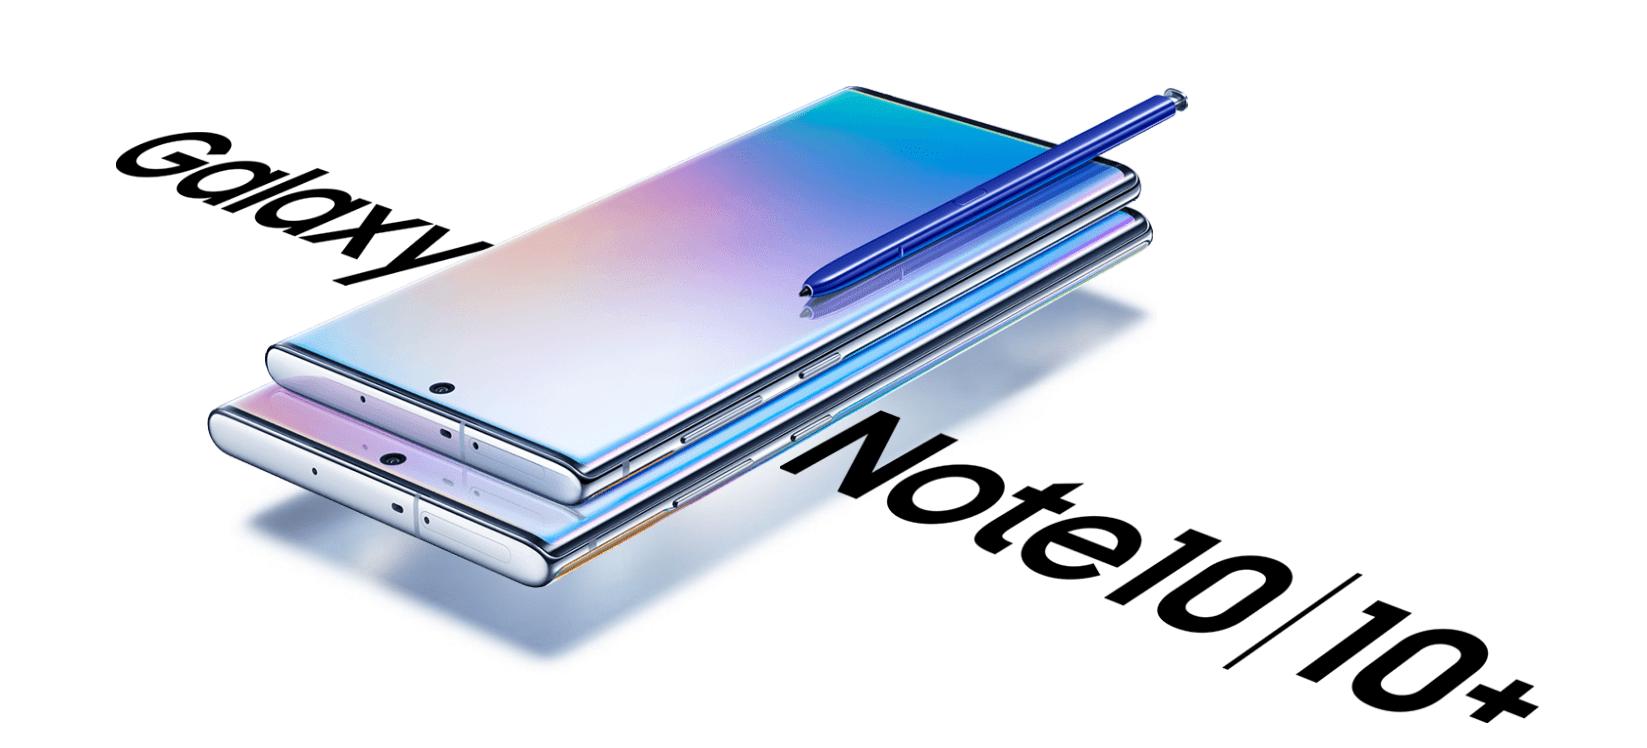 アメリカ市場向けSamsung Galaxy Note20+がGeekbenchに登場、Snapdragon 865 Plus 5Gを搭載か